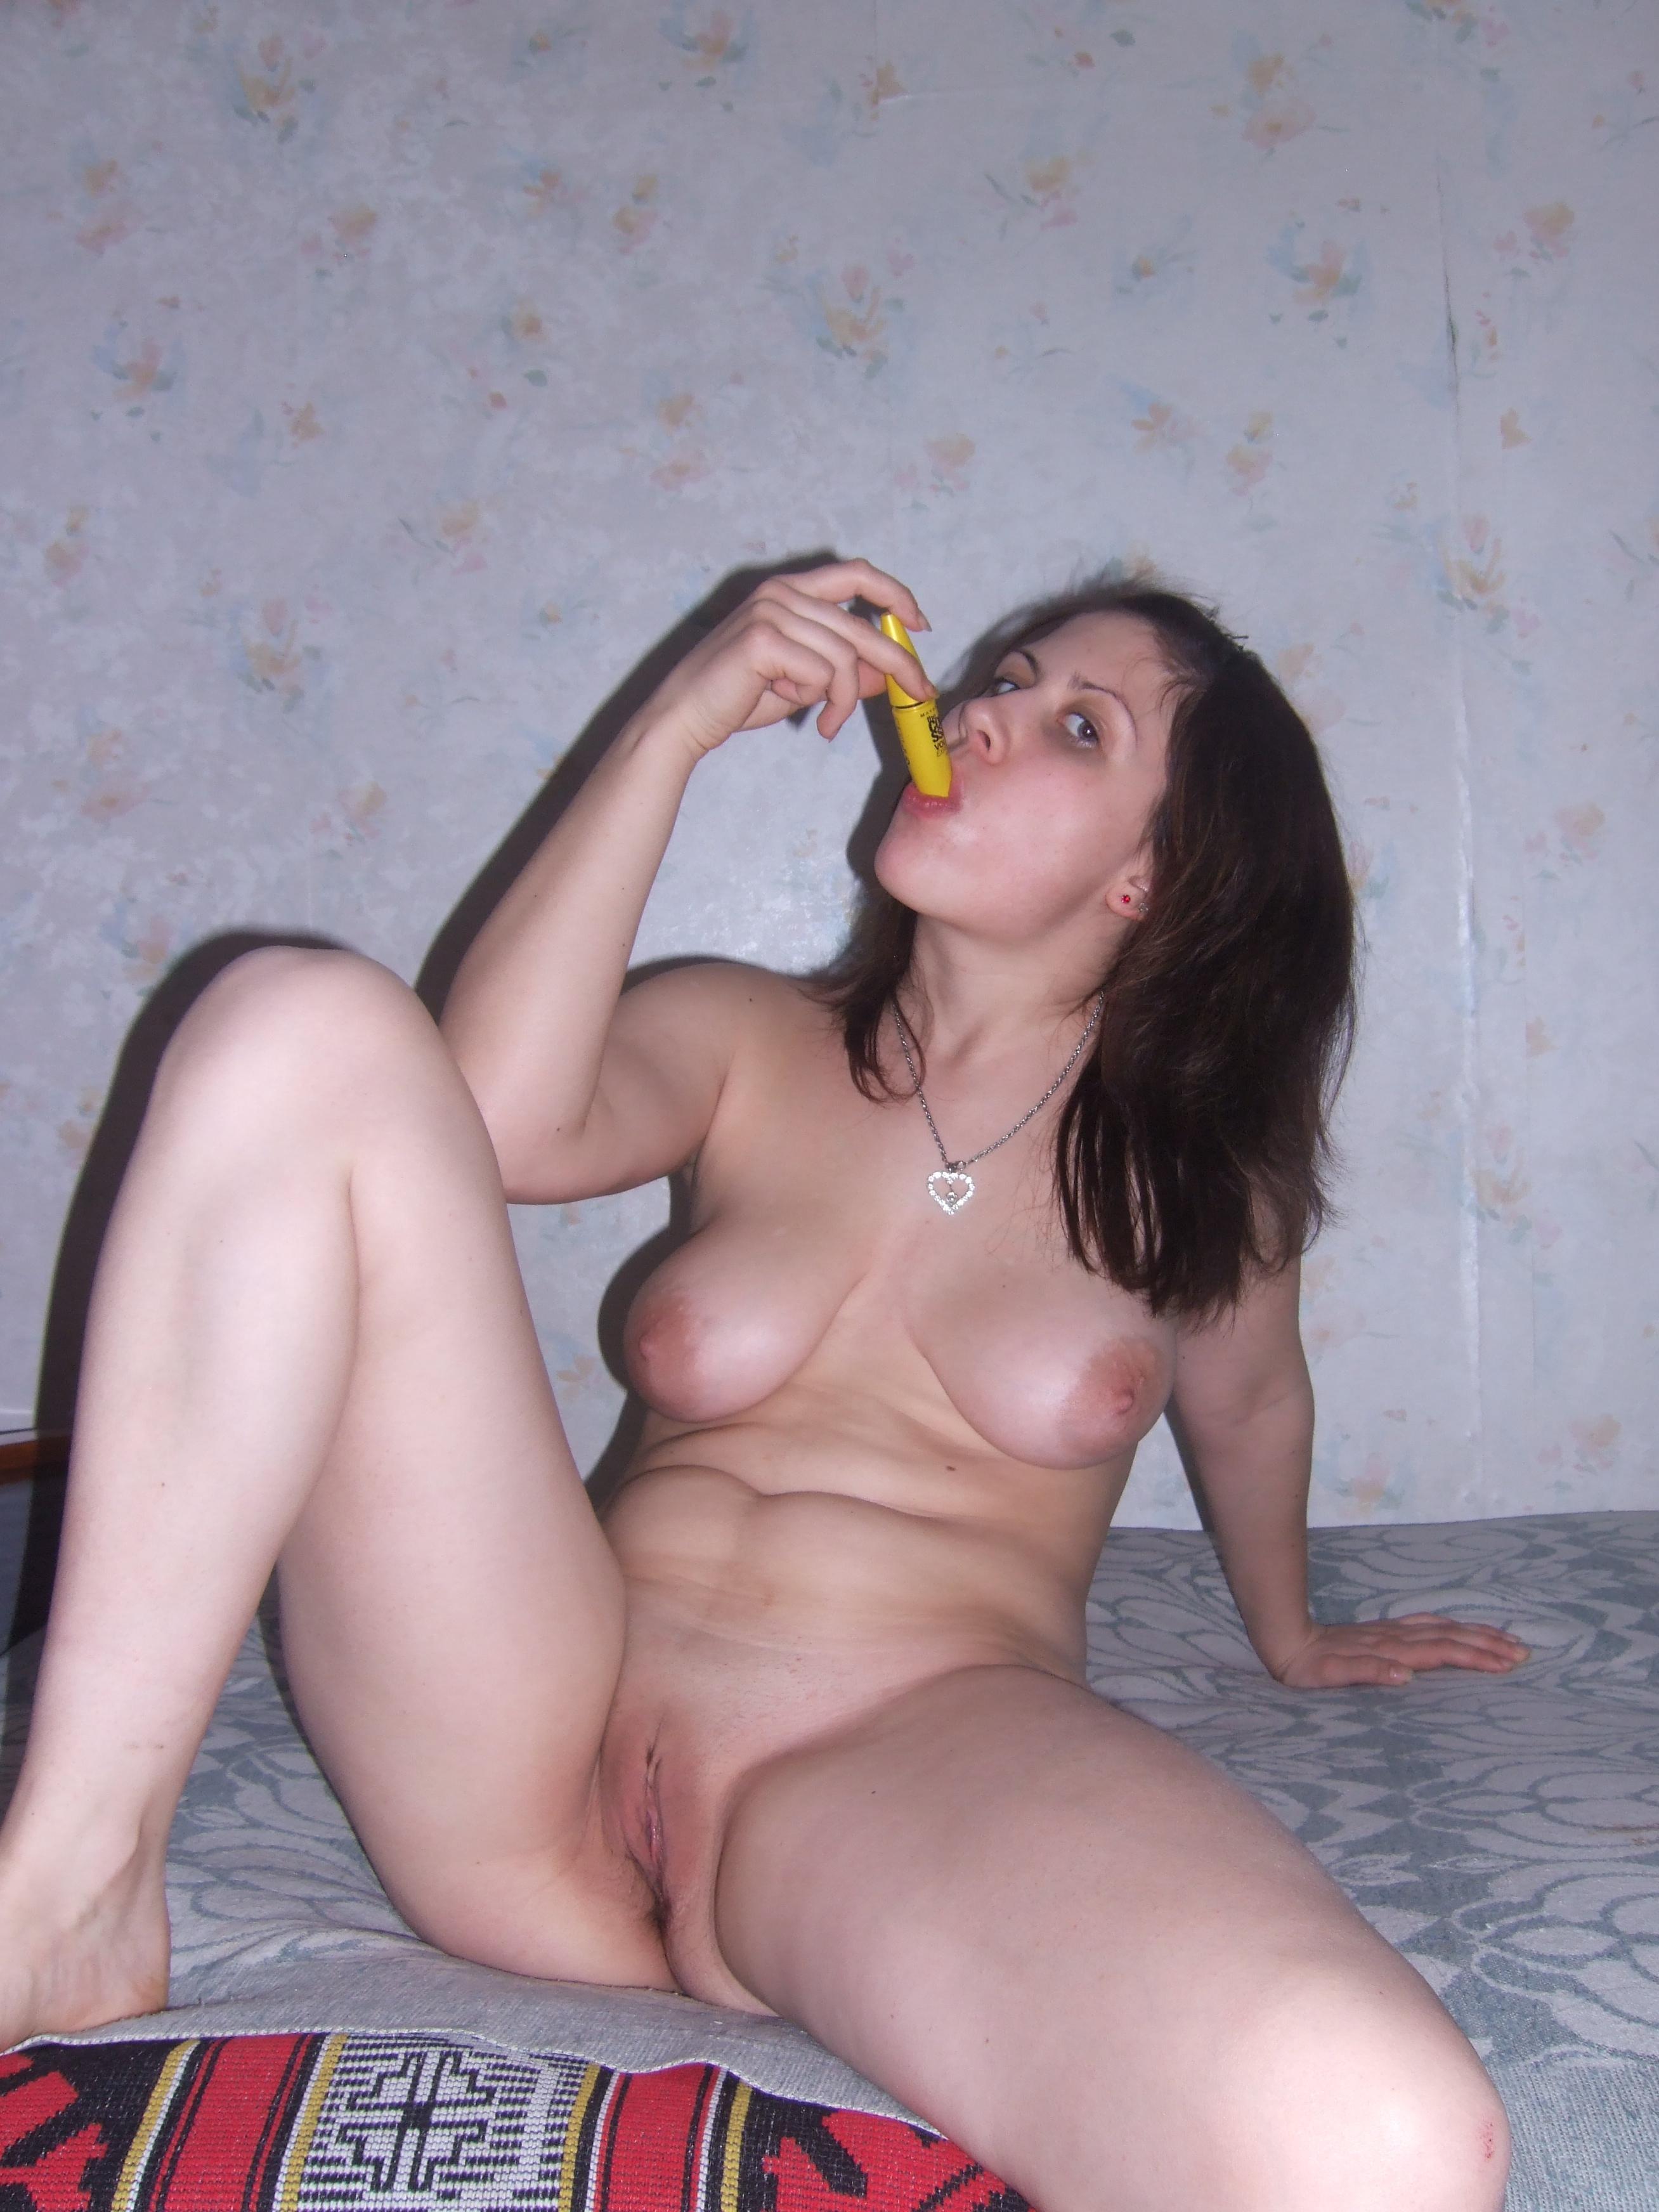 Украденные порно фото донецк украина, он ей она ему секс смотреть